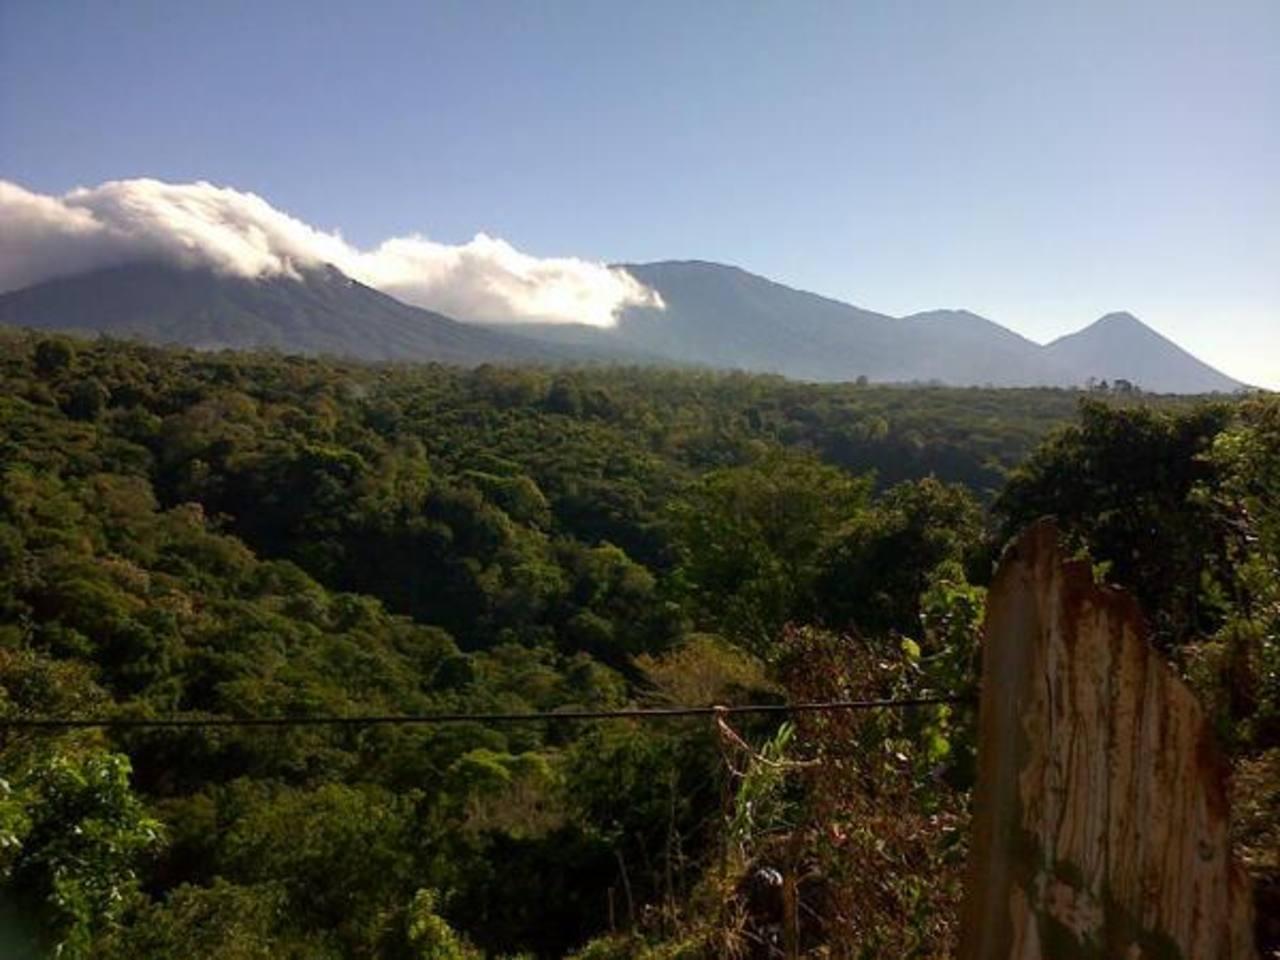 """Foto gracias a @gustavo_rodrigu """"en zona montañosa occidental, brisa fresca y agradable""""."""